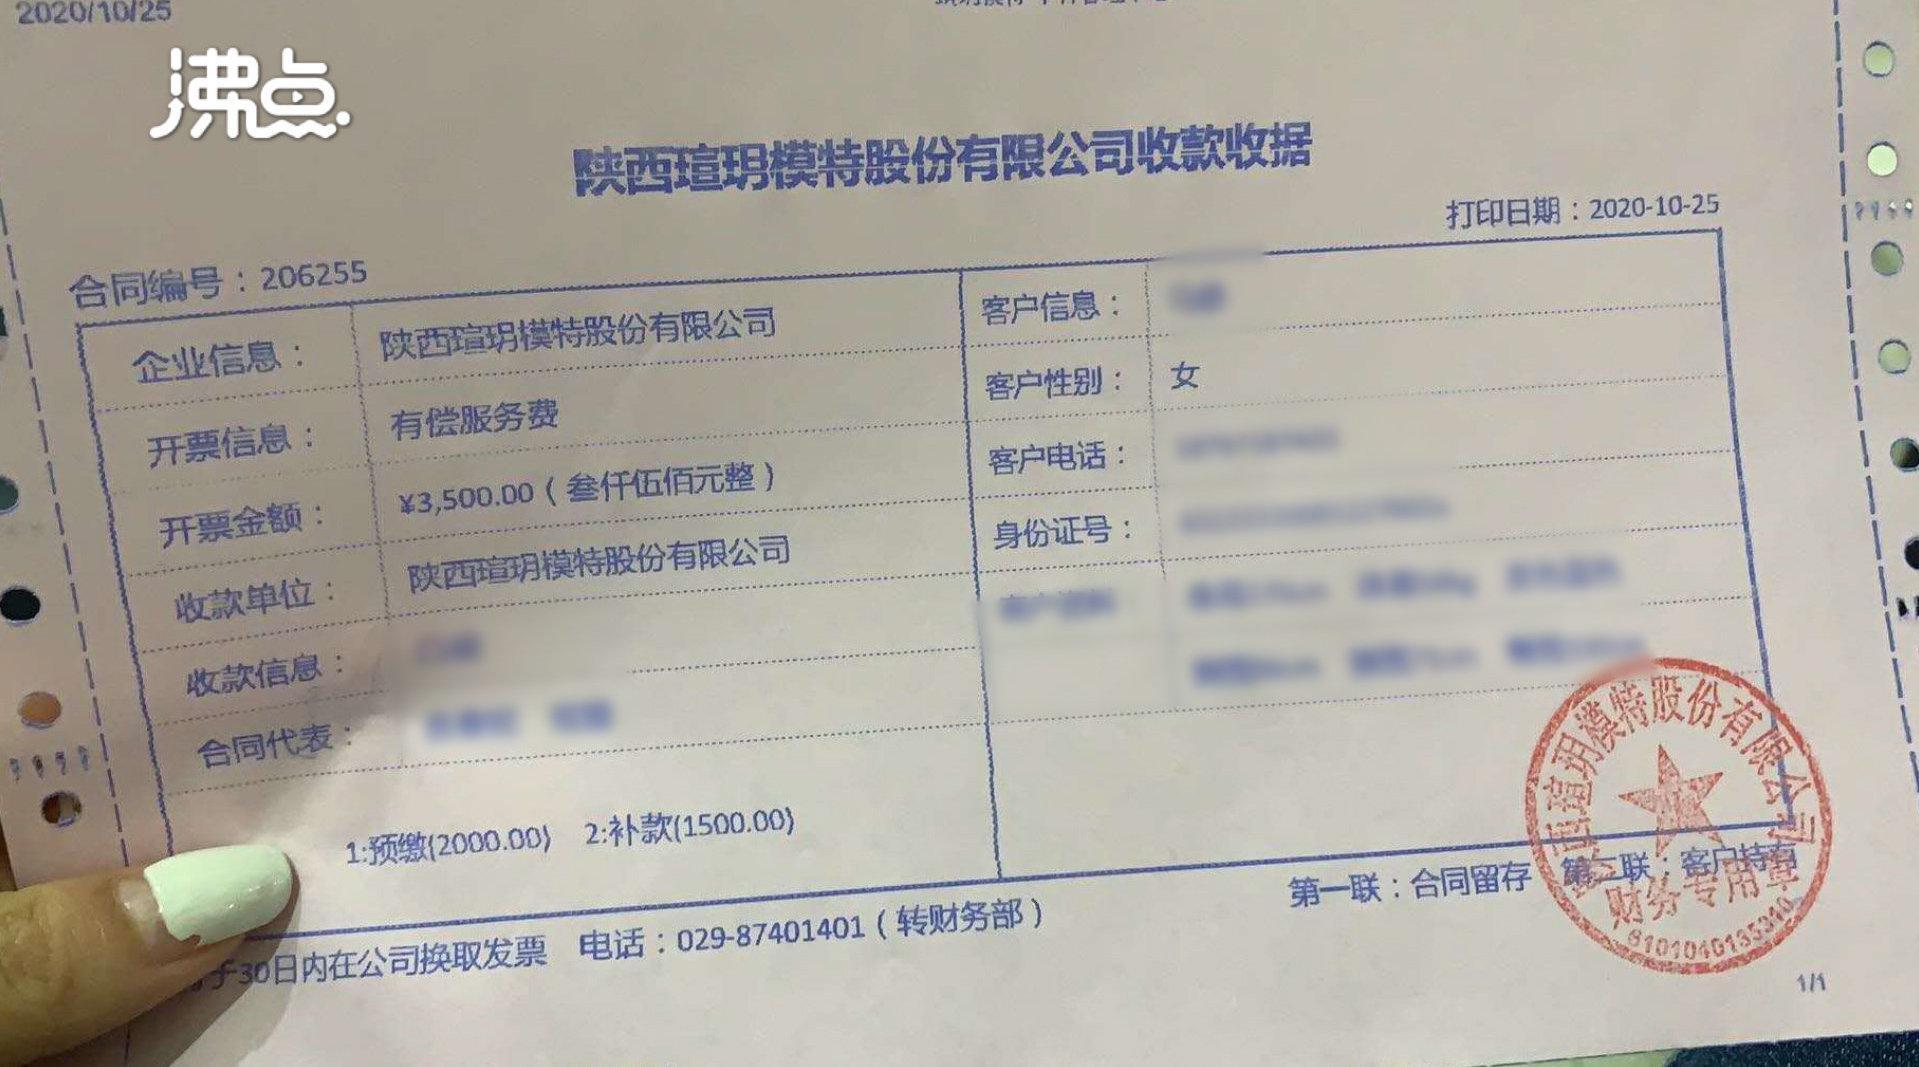 西安一模特公司诱导学生网贷录音曝光:先挣钱后交钱